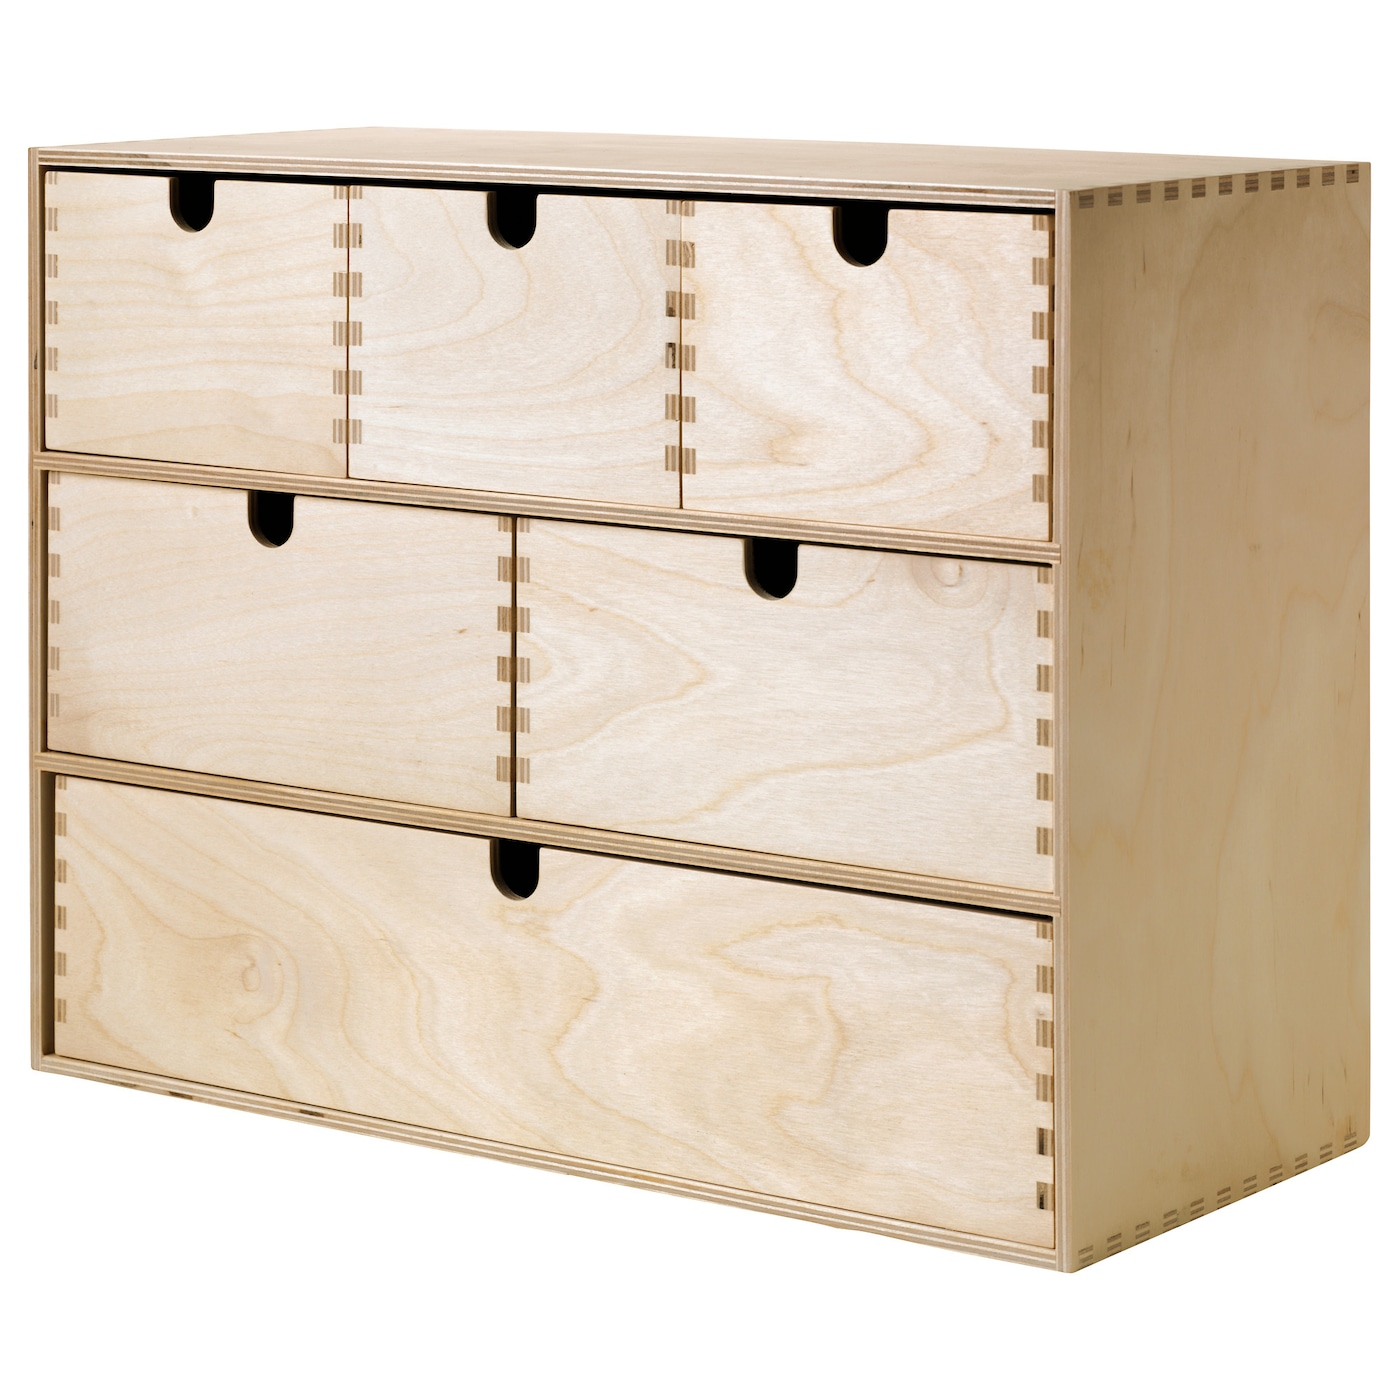 Moppe Mini Storage Chest Birch Plywood 16 X7x12 5 8 Ikea